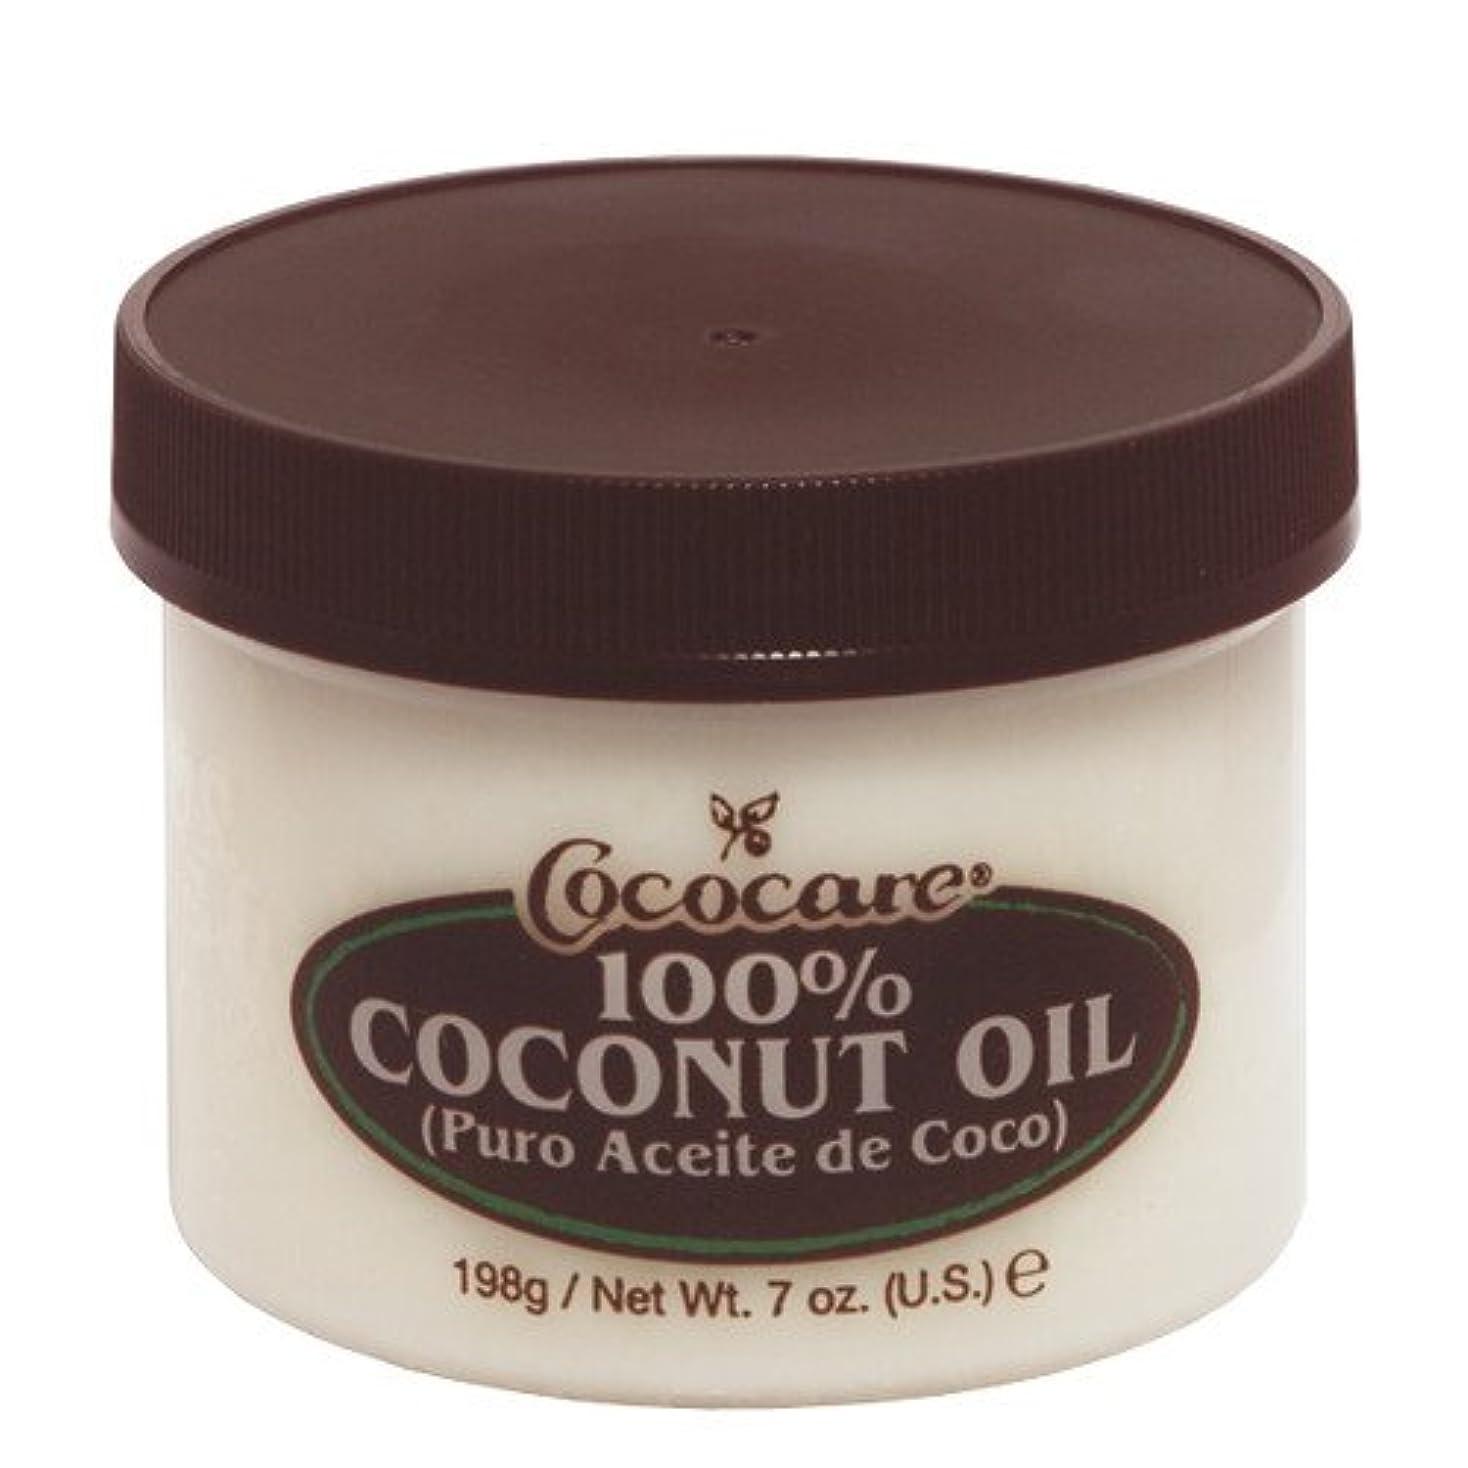 重くする症候群戻るCOCOCARE ココケア ココナッツオイル 198g